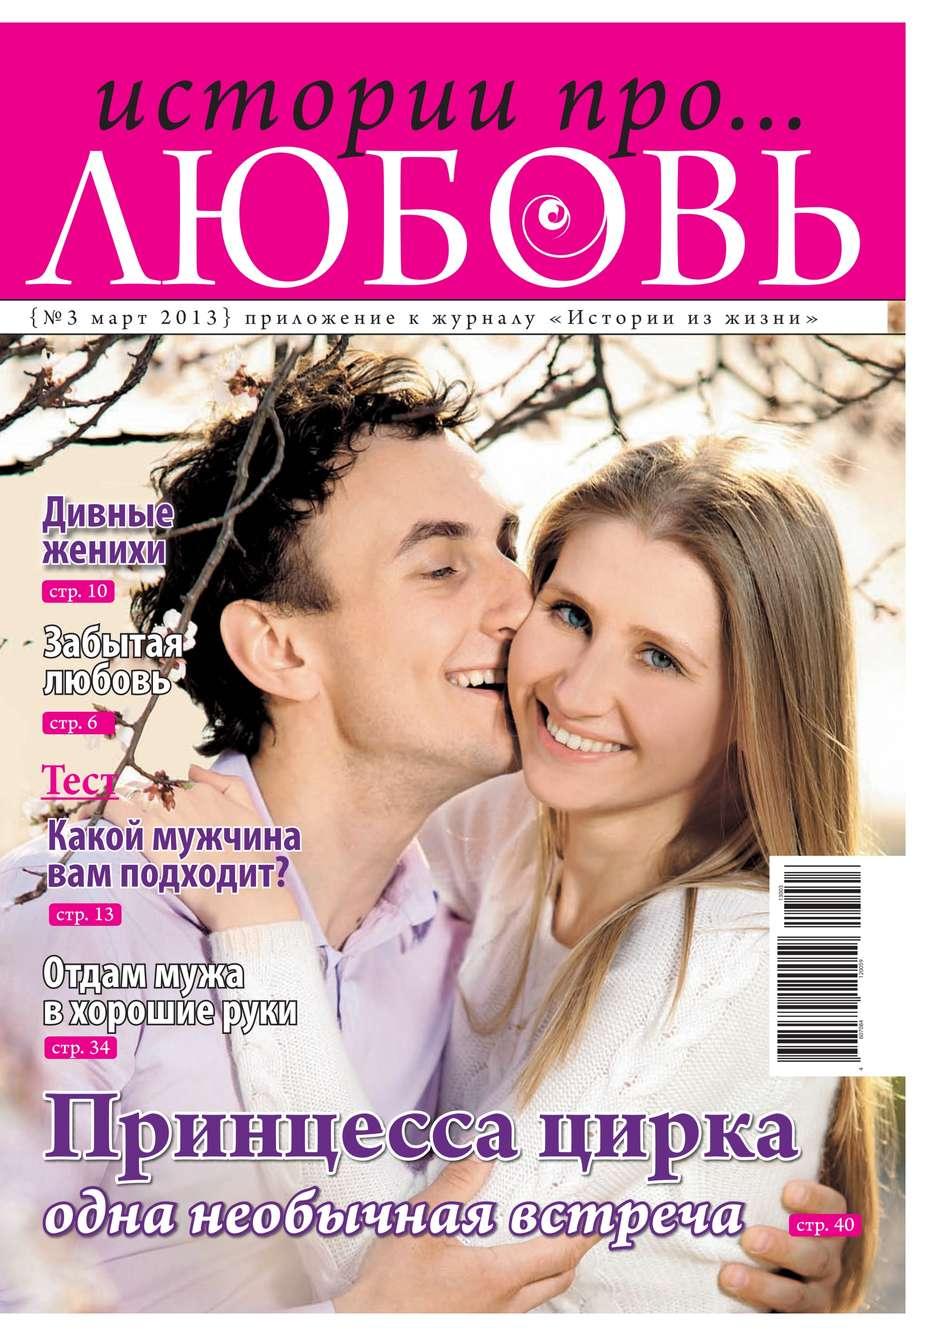 Фото - Редакция журнала Успехи. Истории про любовь Истории про любовь 3-2013 про любовь раневскую